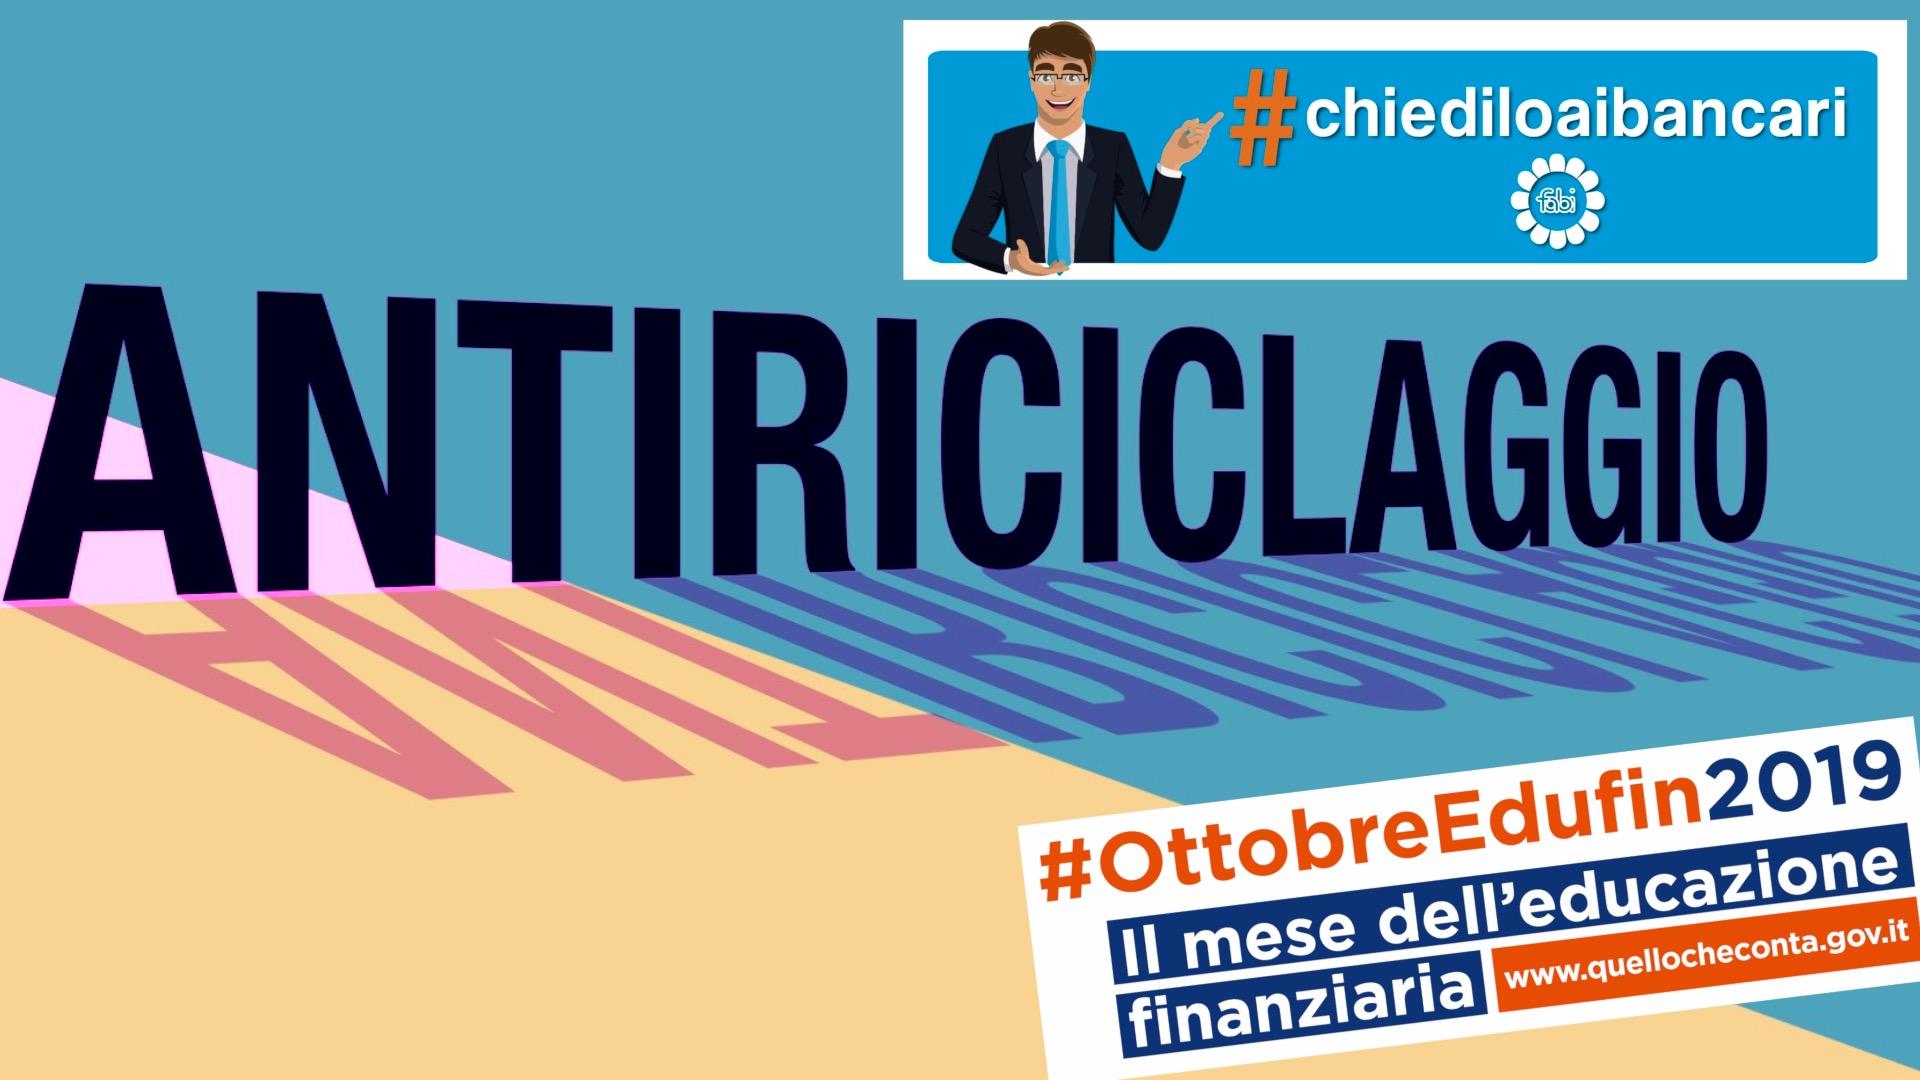 #CHIEDILOAIBANCARI, ECCO IL SECONDO VIDEO: L'ANTIRICICLAGGIO